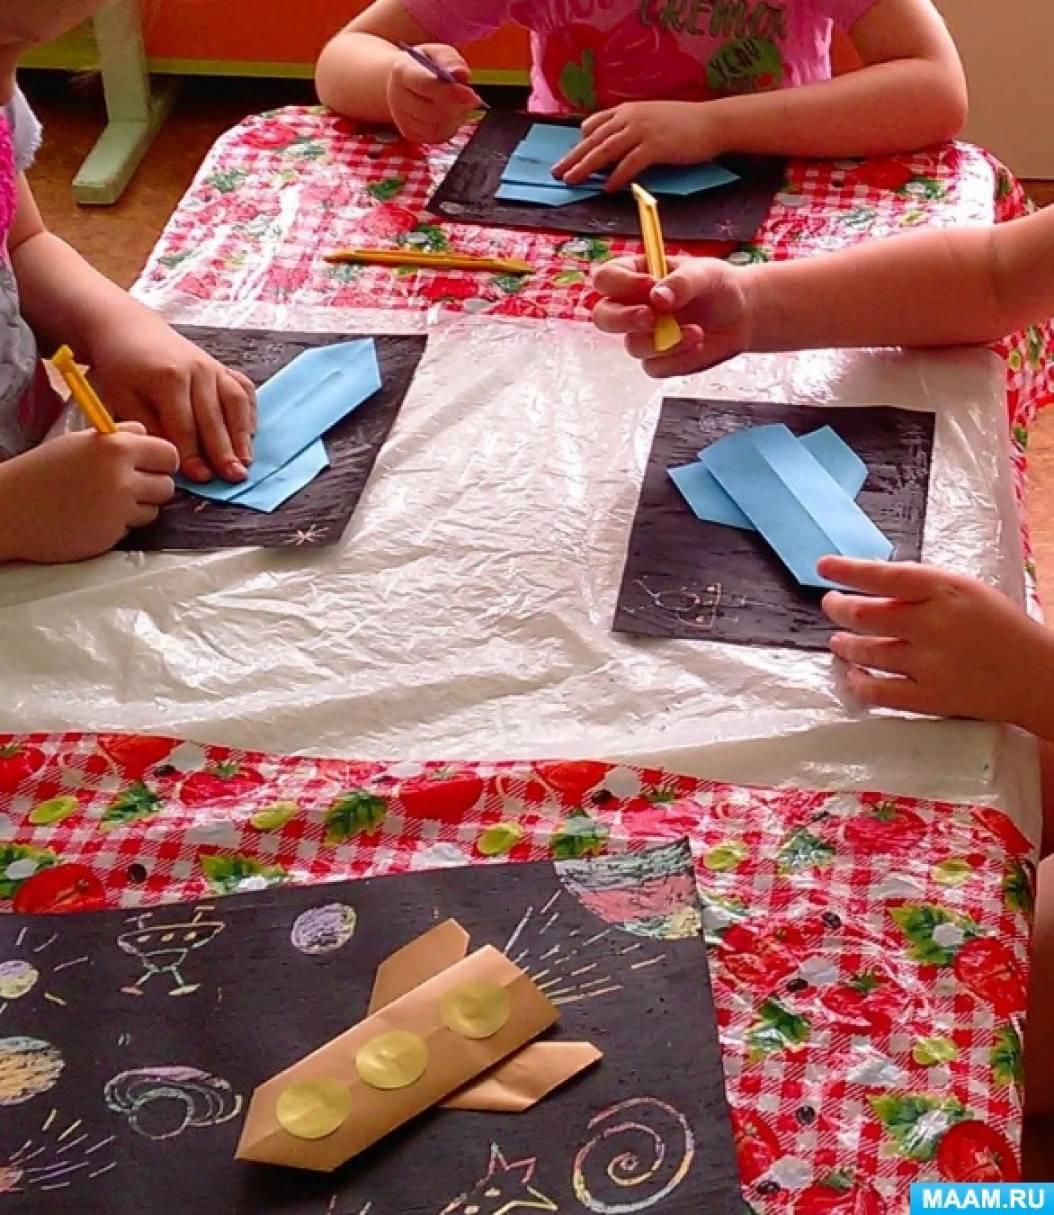 Конспект занятия по изготовлению оригами «Космический корабль»